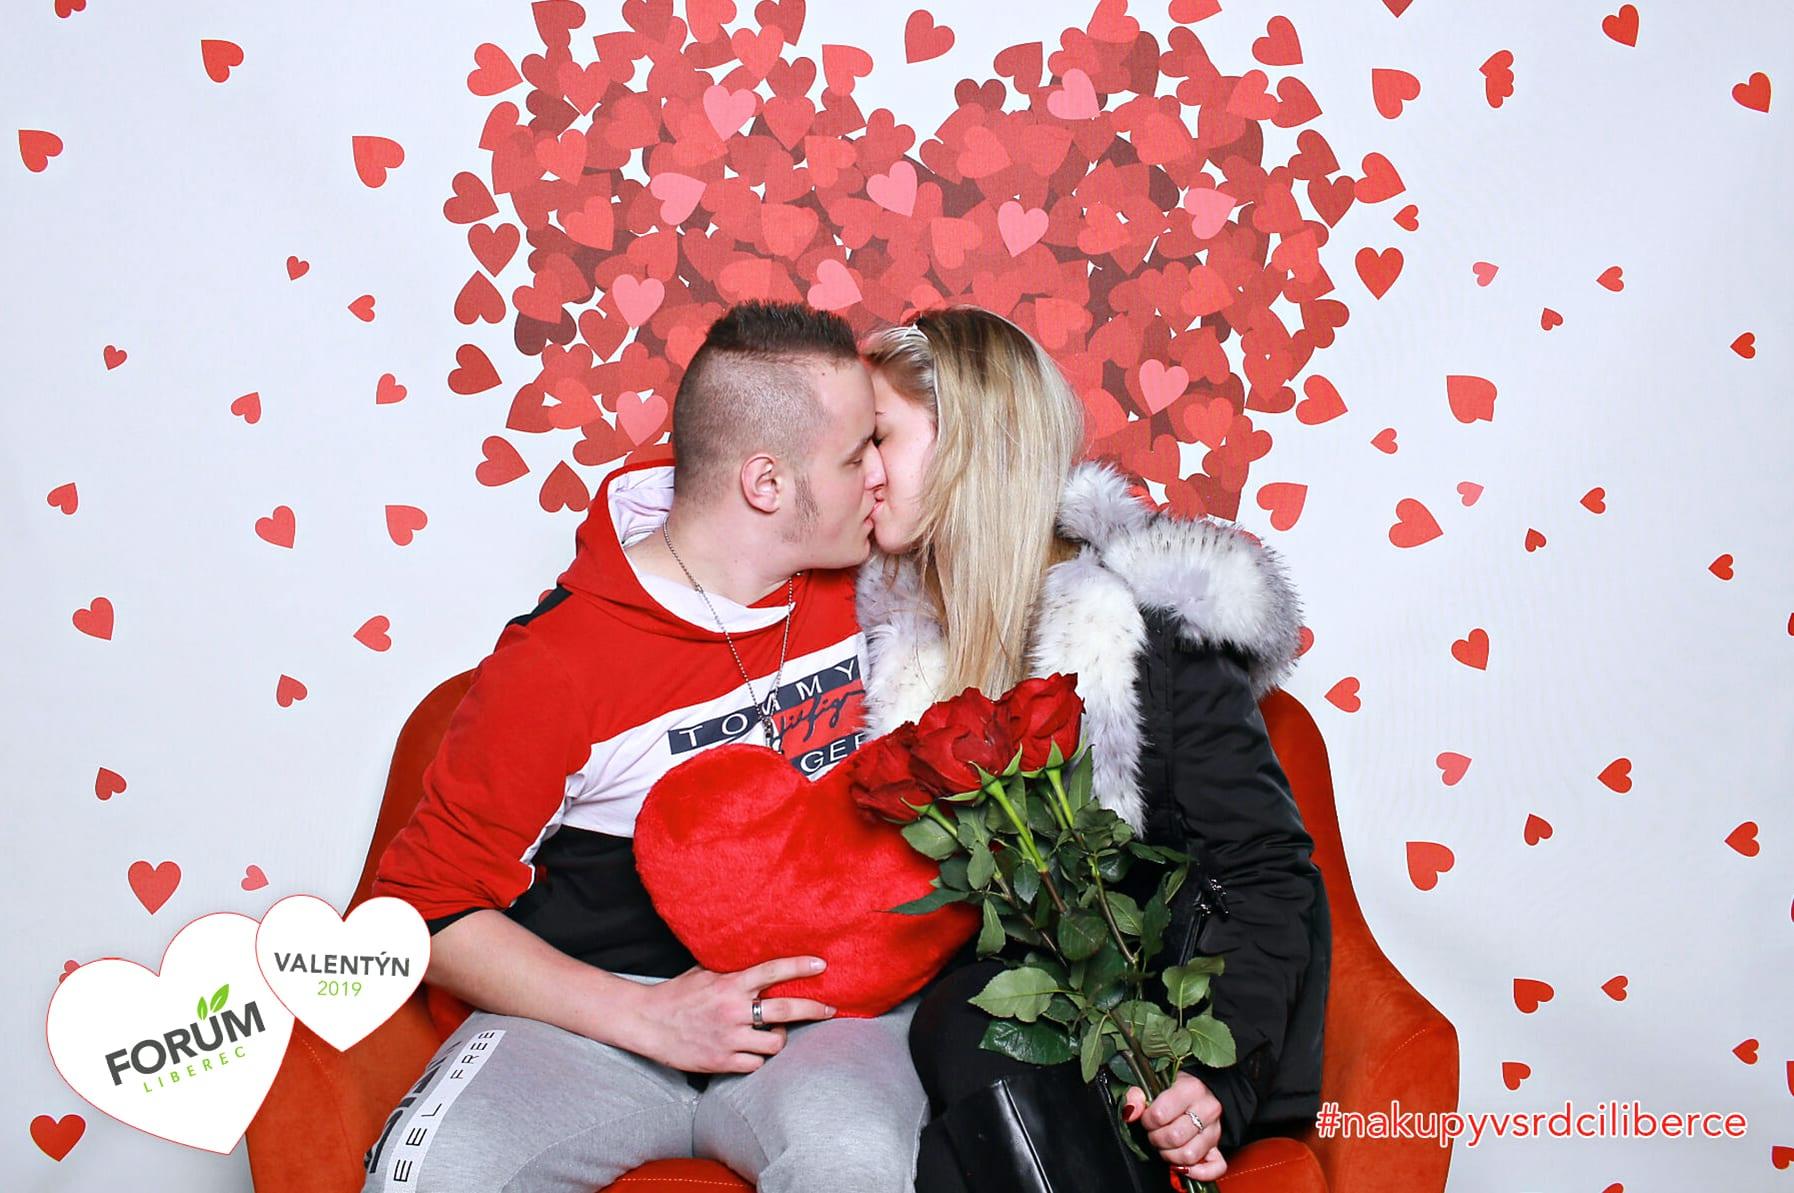 fotokoutek-family-day-liberec-forum-liberec-valentyn-14-2-2019-579556